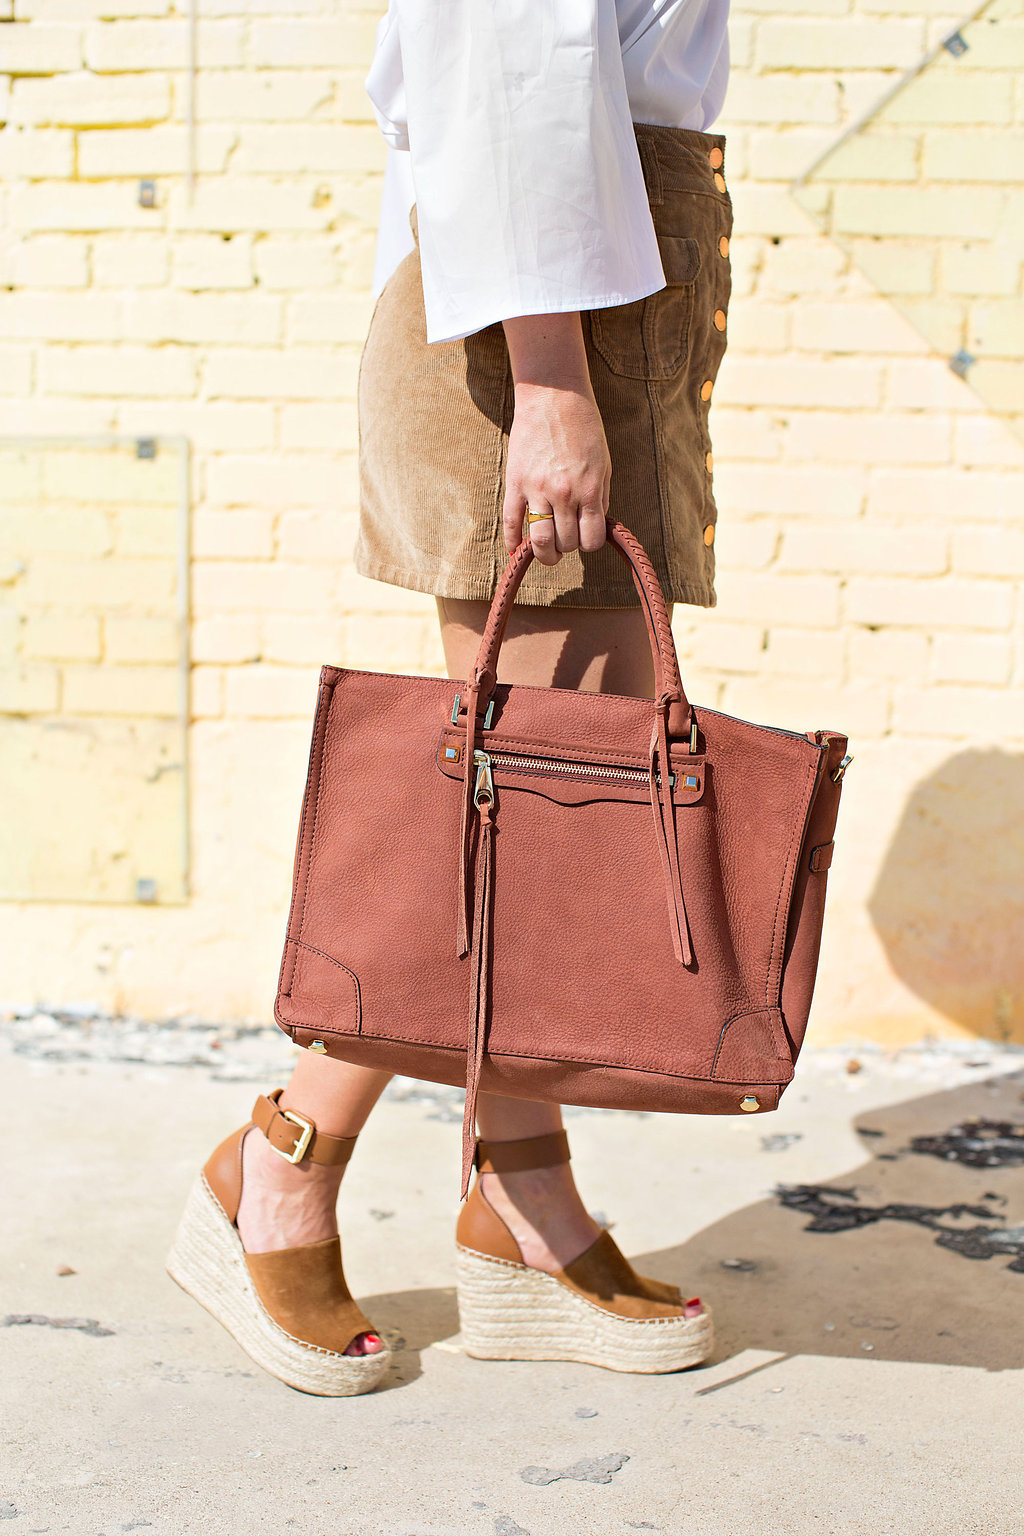 Rebecca Minkoff Bag- Dallas Fashion Blogger